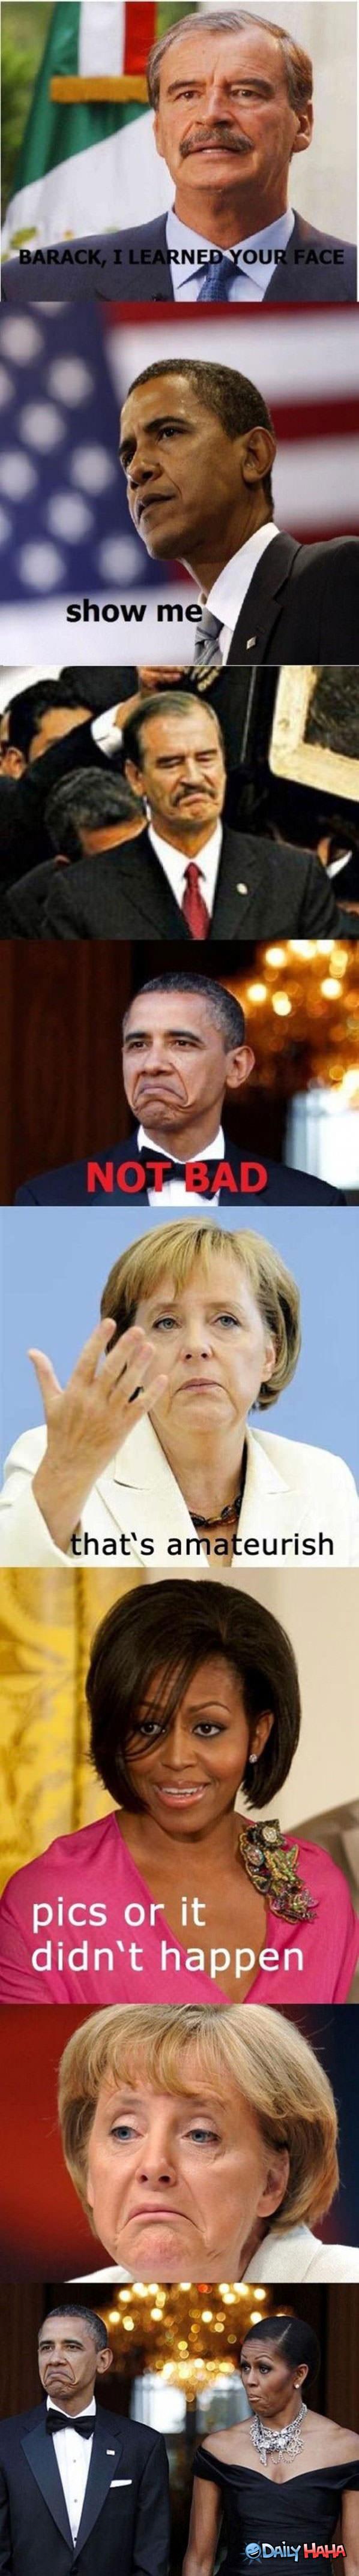 http://www.dailyhaha.com/_pics/obamas-face.jpg